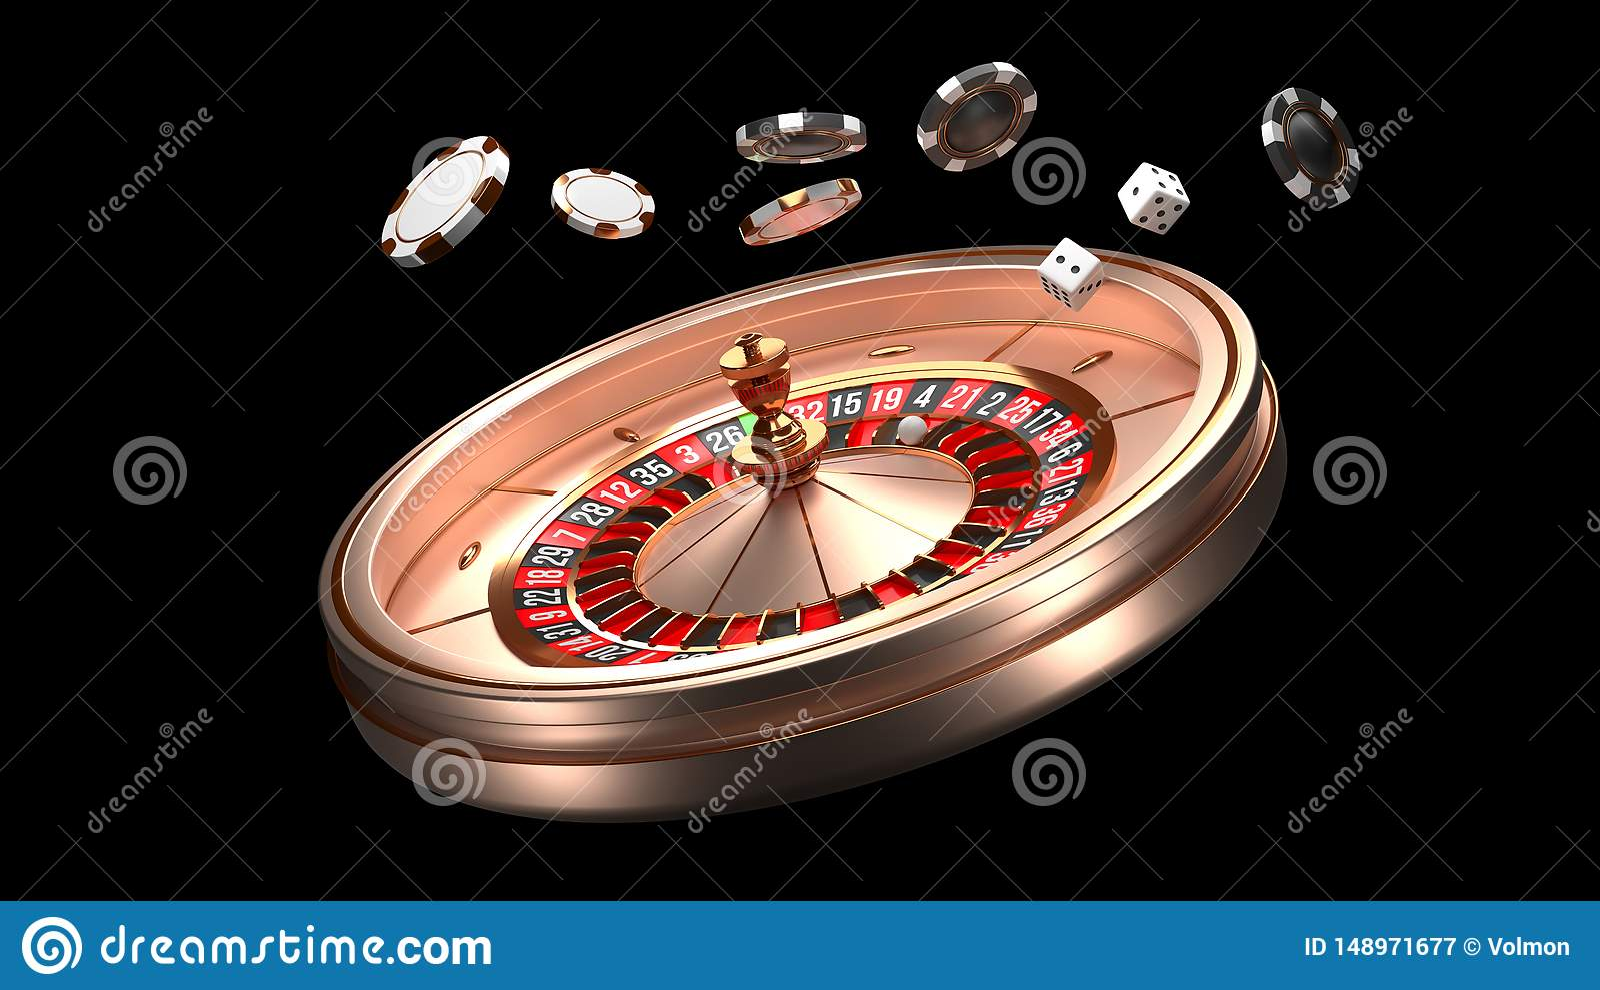 赌博娱乐场背景 在黑背景隔绝的豪华赌博娱乐场轮盘赌的赌轮 赌博娱乐场题材 特写镜头白色赌博娱乐场